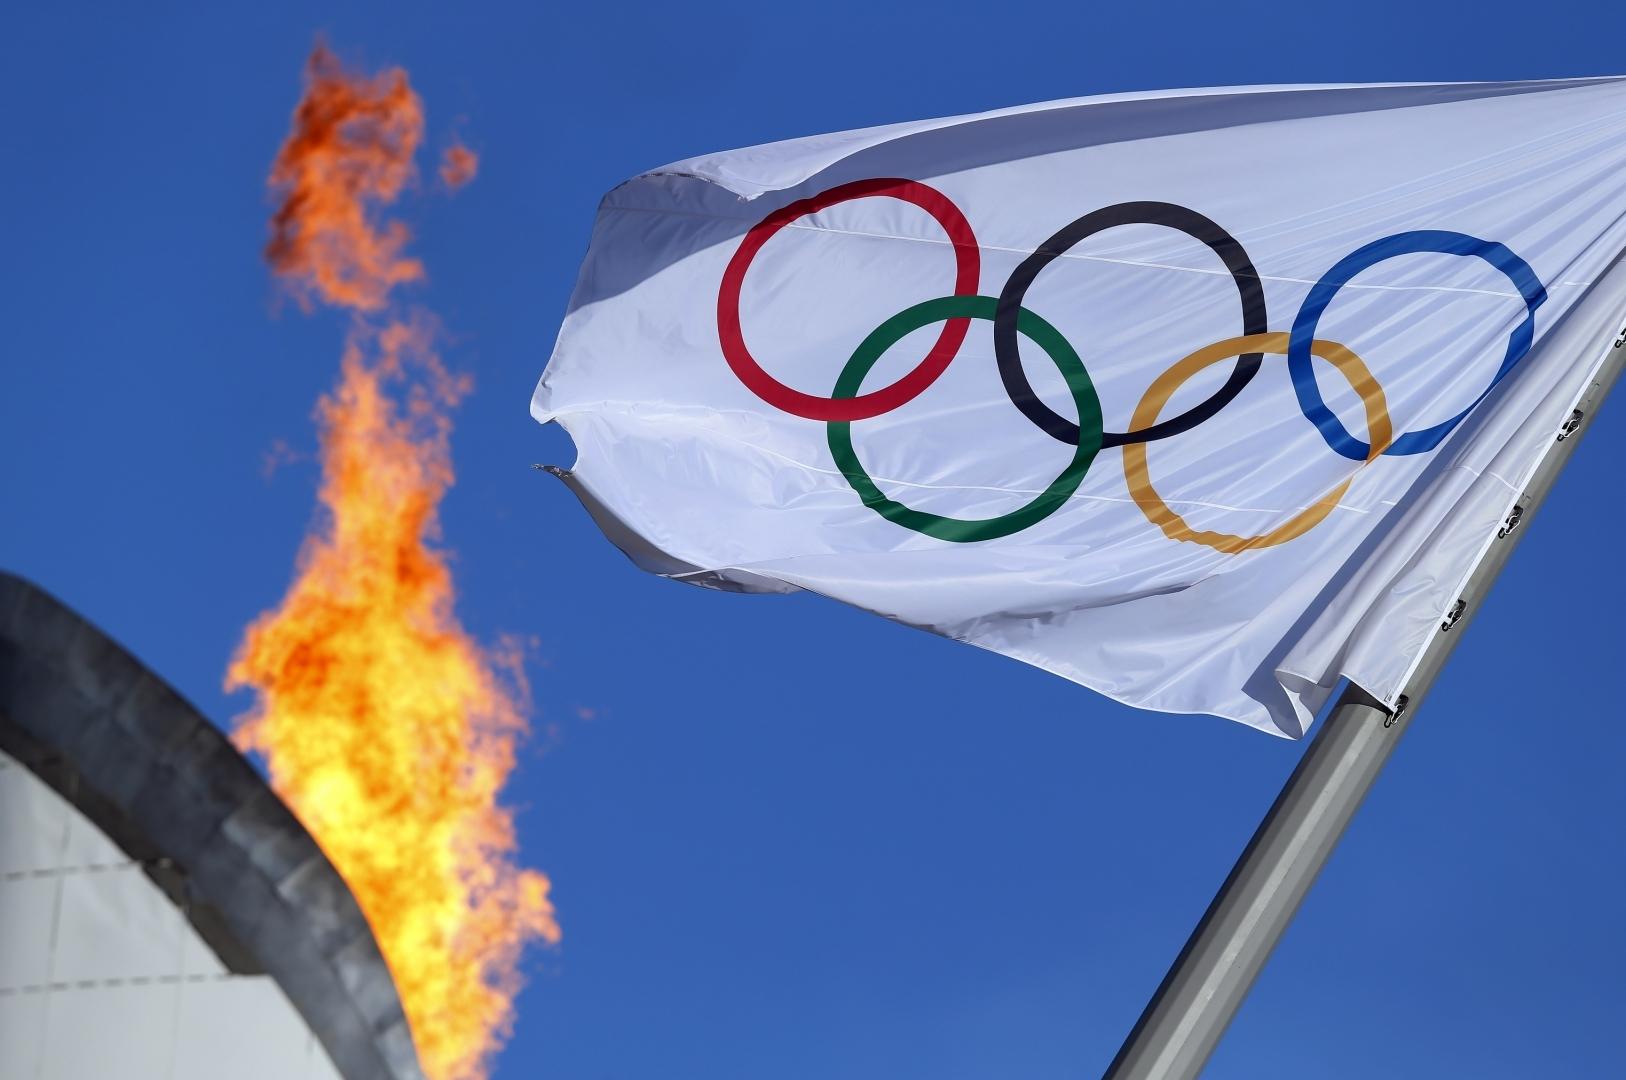 Україна націлилася на проведення літньої Олімпіади 2032